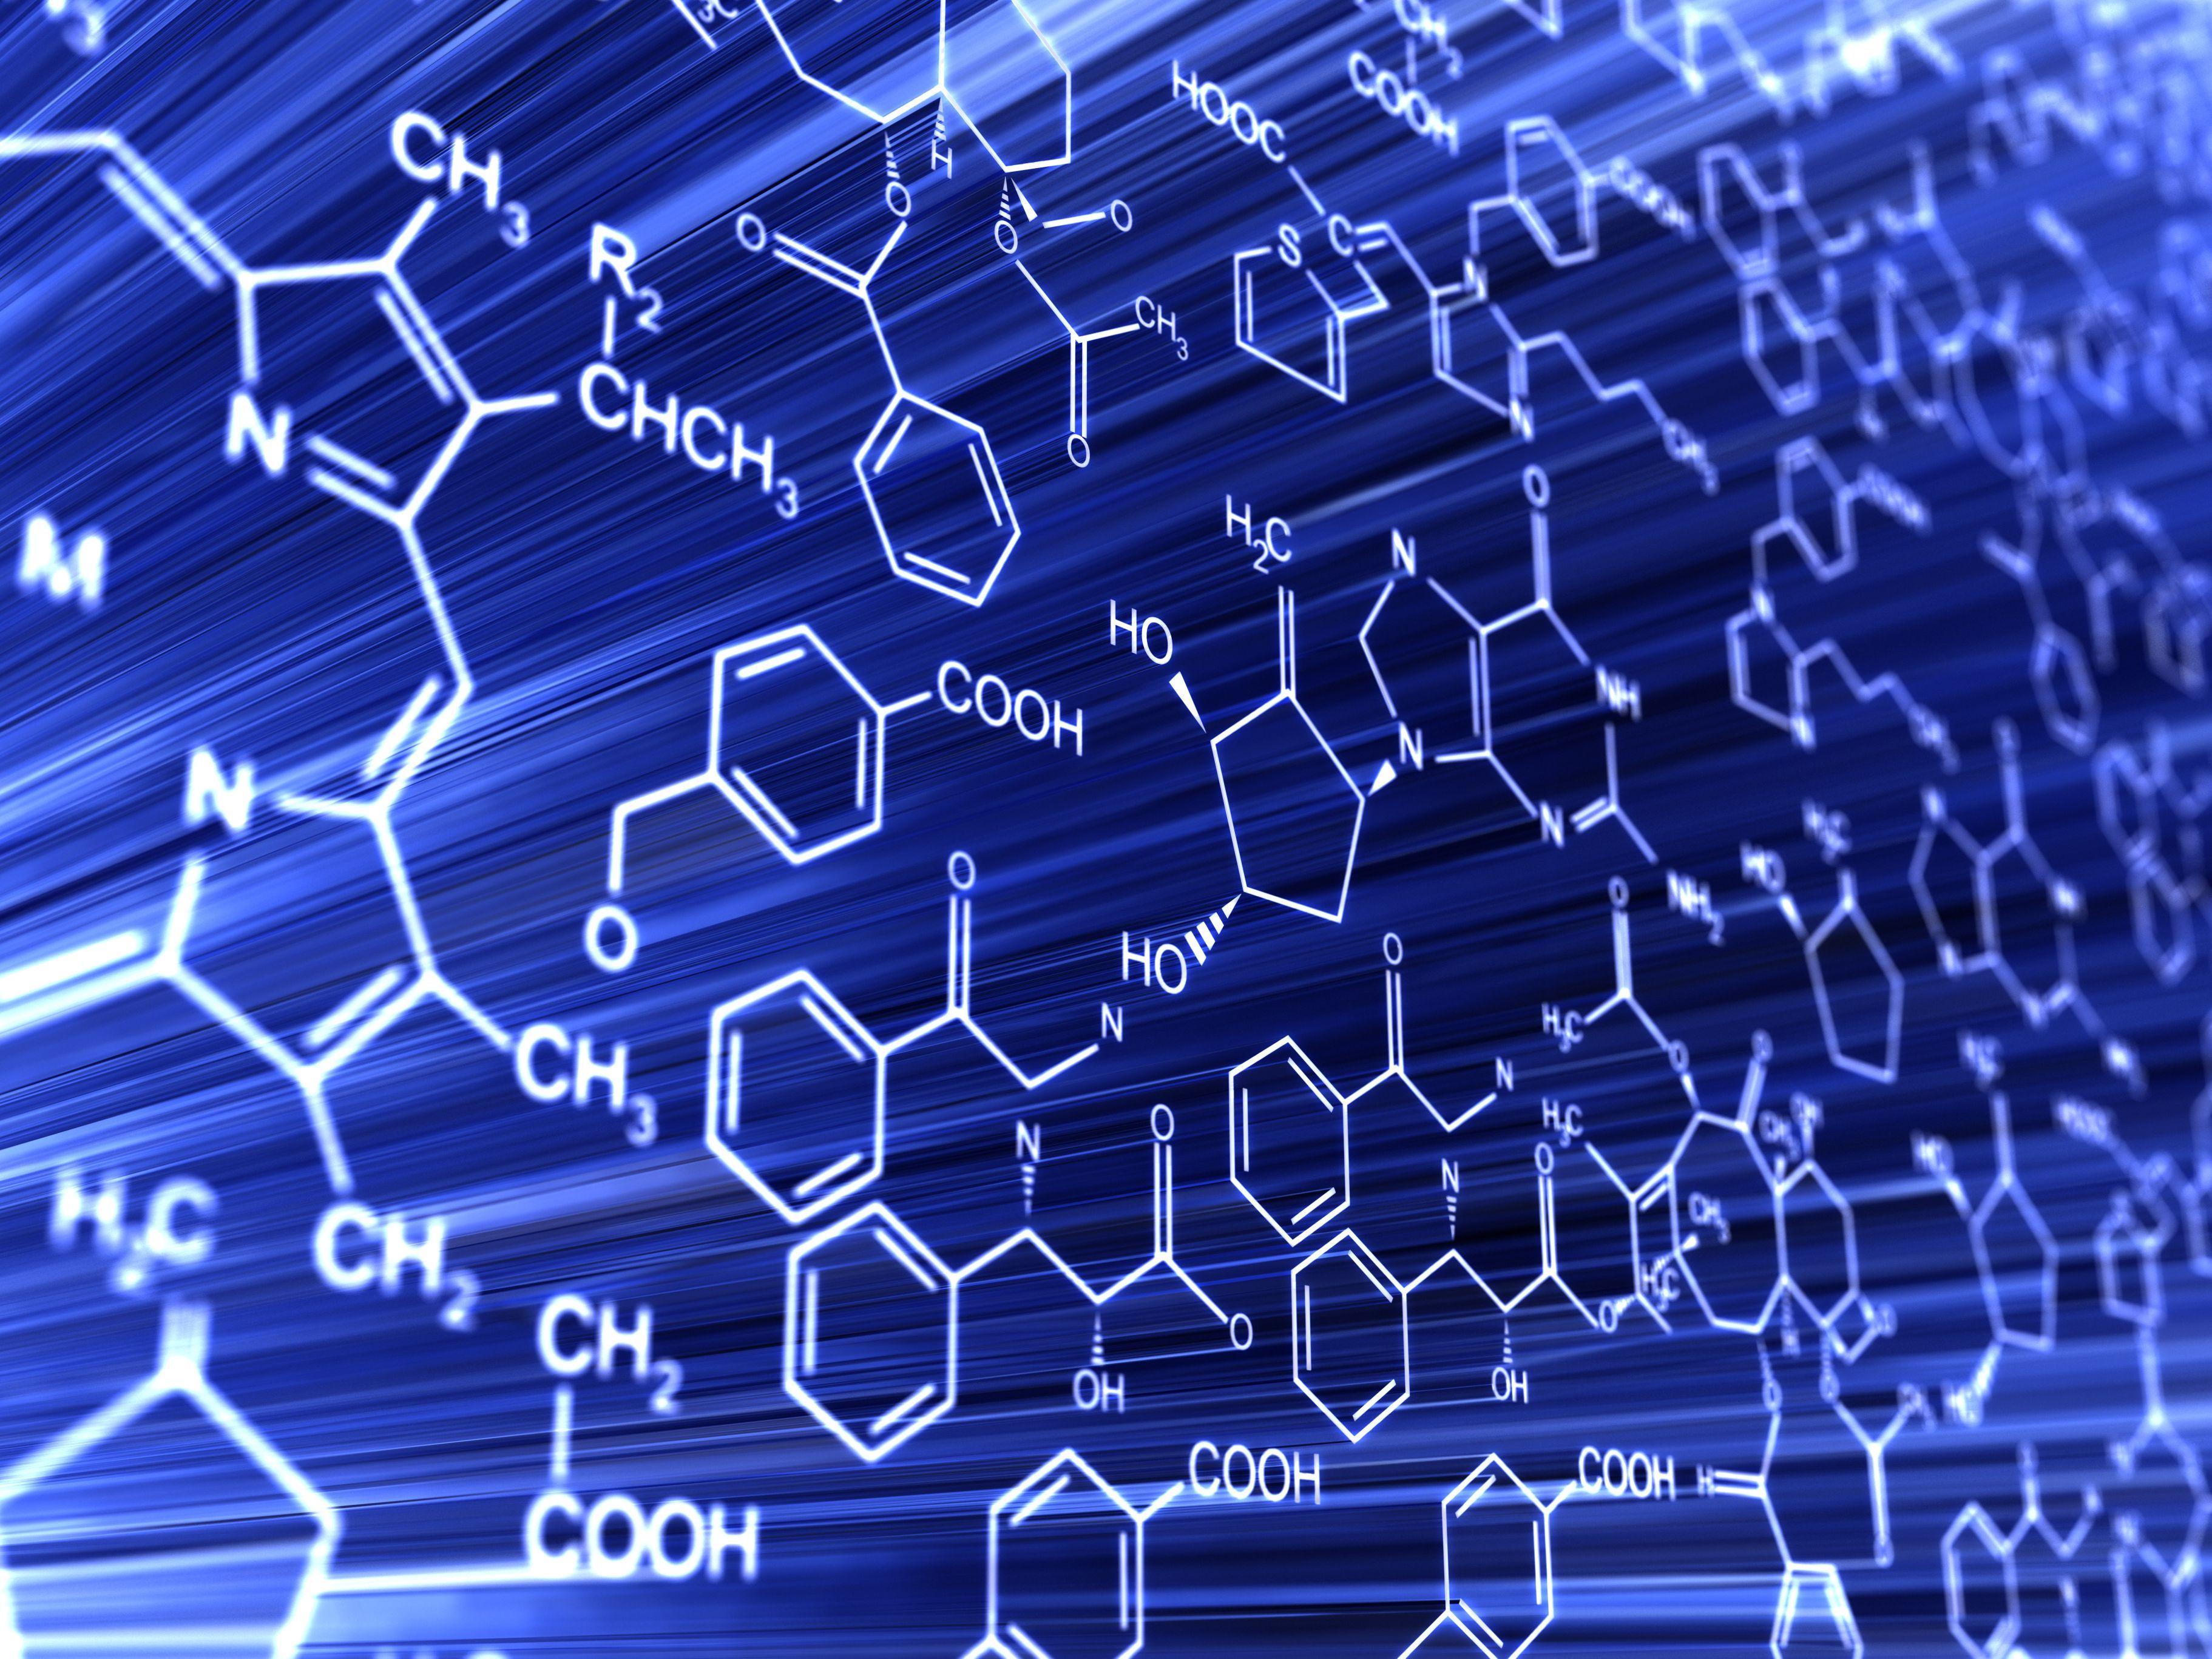 Ķīmijas un farmācijas nozarei tuvākajos gados vajadzēs ap 1000 jaunu speciālistu